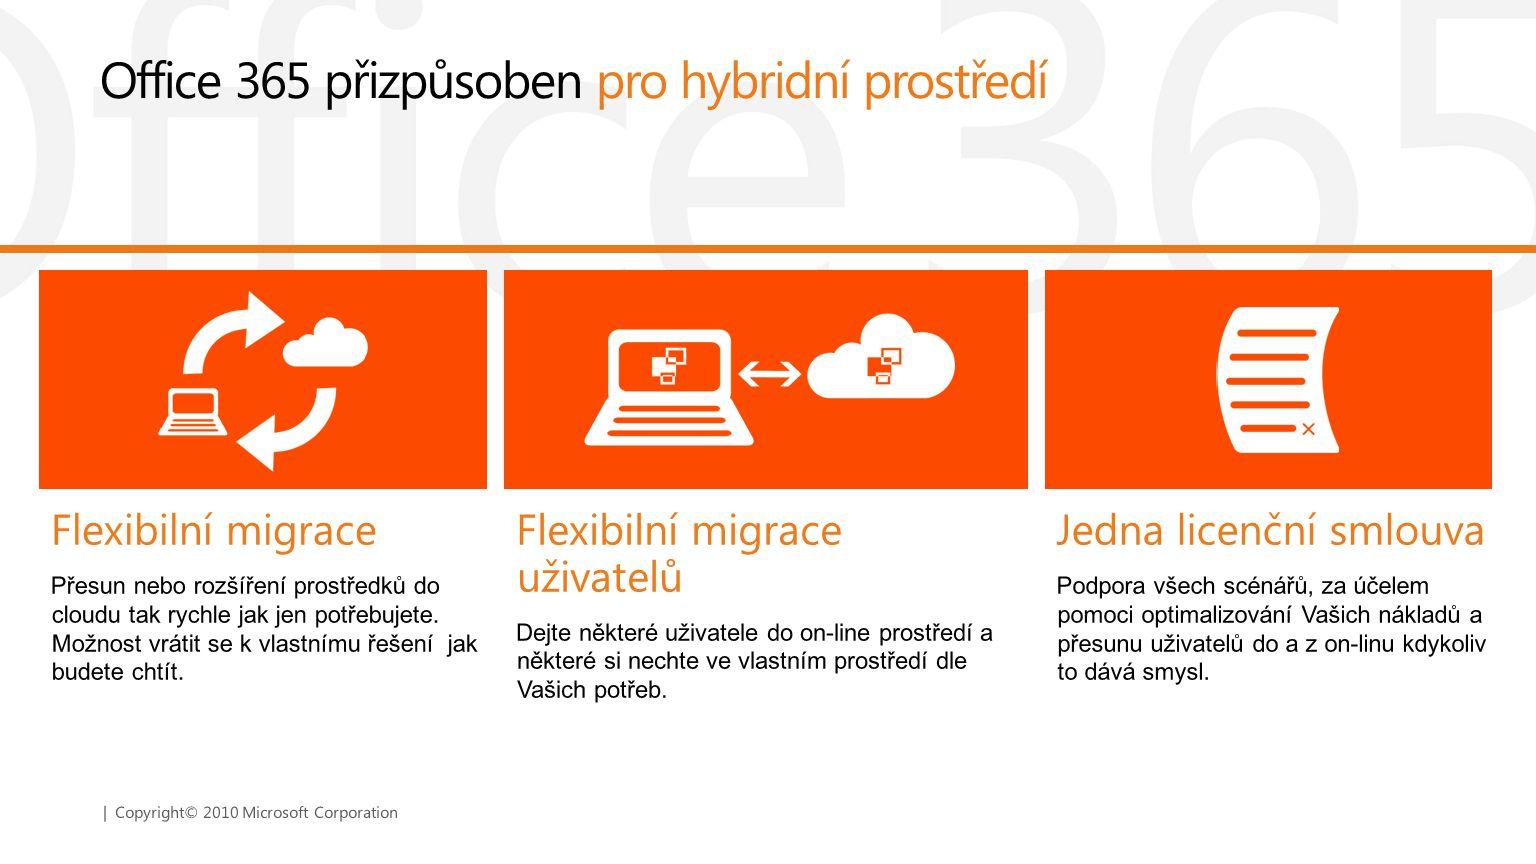 | Copyright© 2010 Microsoft Corporation Office 365 přizpůsoben pro hybridní prostředí Jedna licenční smlouva Podpora všech scénářů, za účelem pomoci o